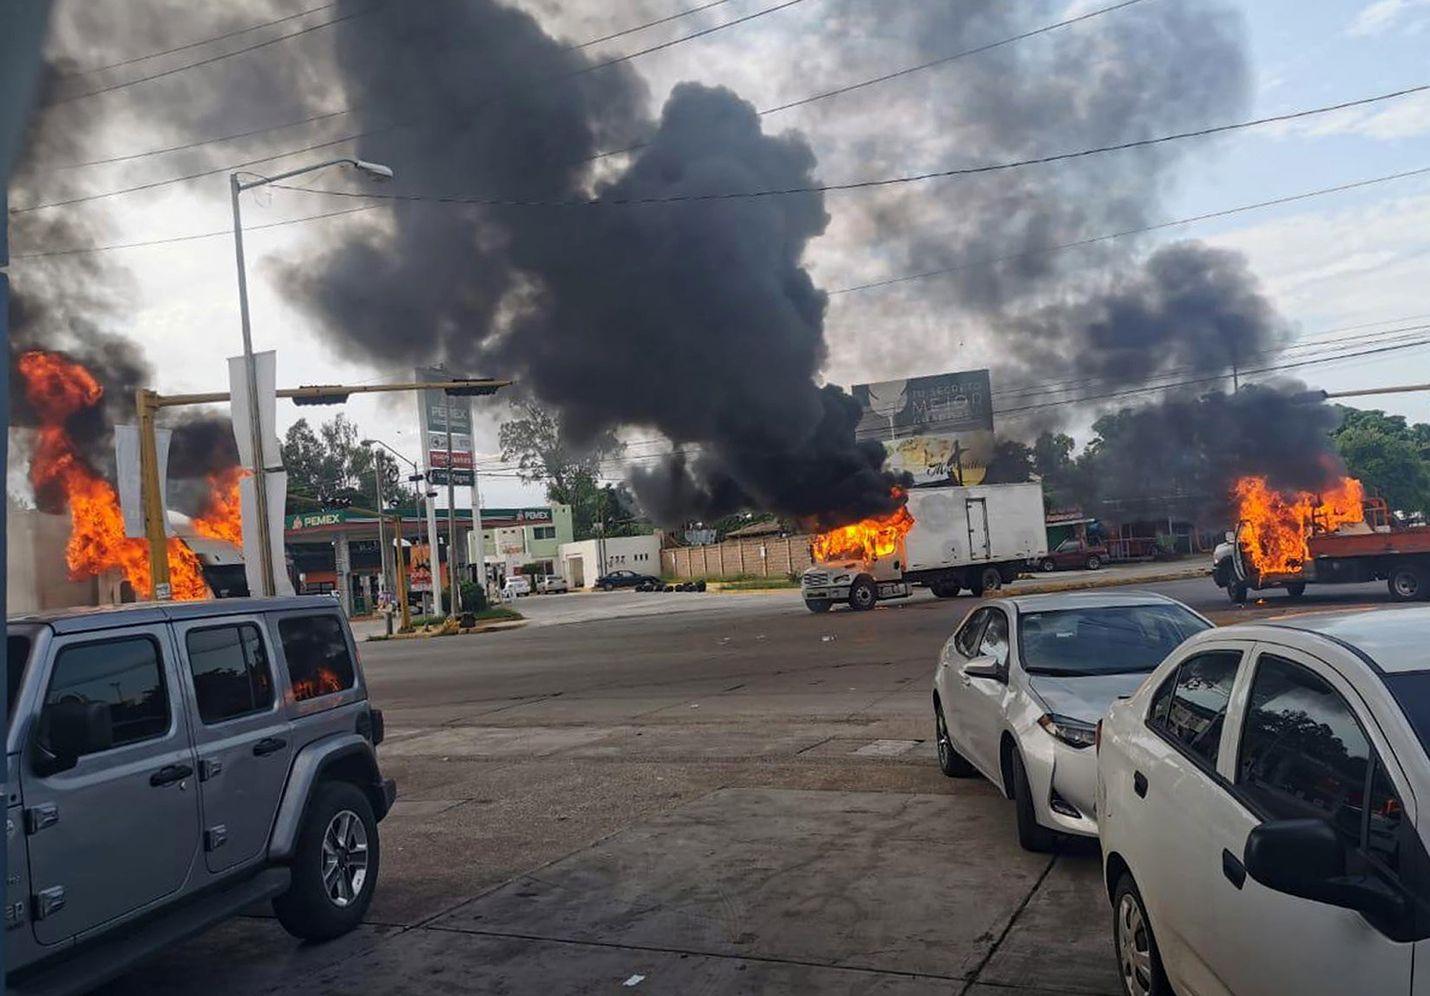 Huumekartelli Sinaloan pyssymiehet sytyttivät ajoneuvoja tuleen ottaessaan yhteen poliisin ja sotilaiden kanssa Culiacanin kaupungissa Meksikossa torstaina.